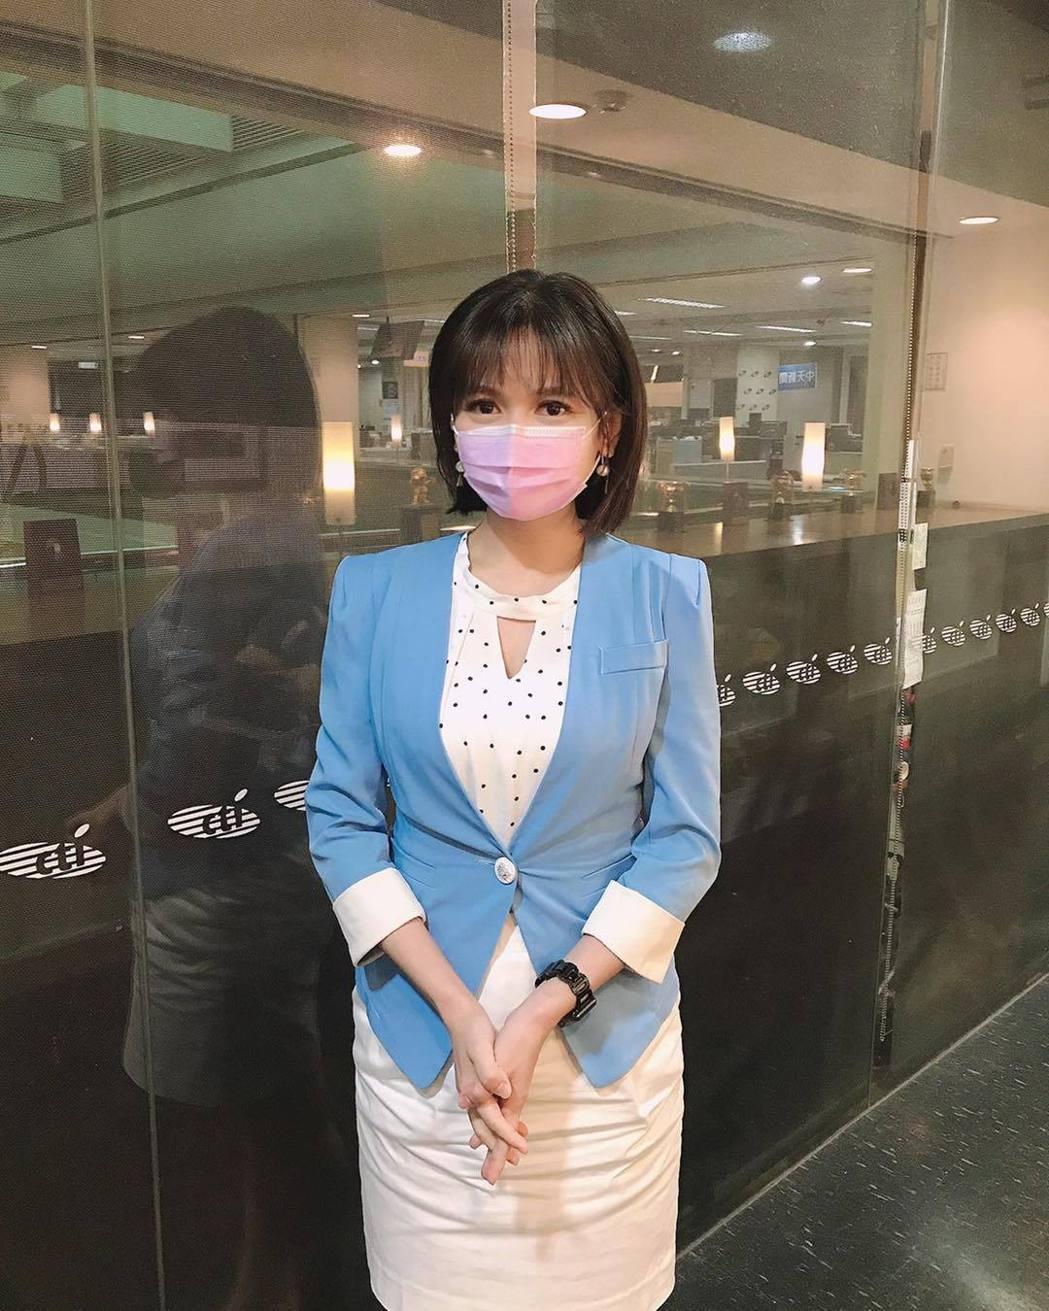 陳諺瑩。 圖/擷自陳諺瑩臉書